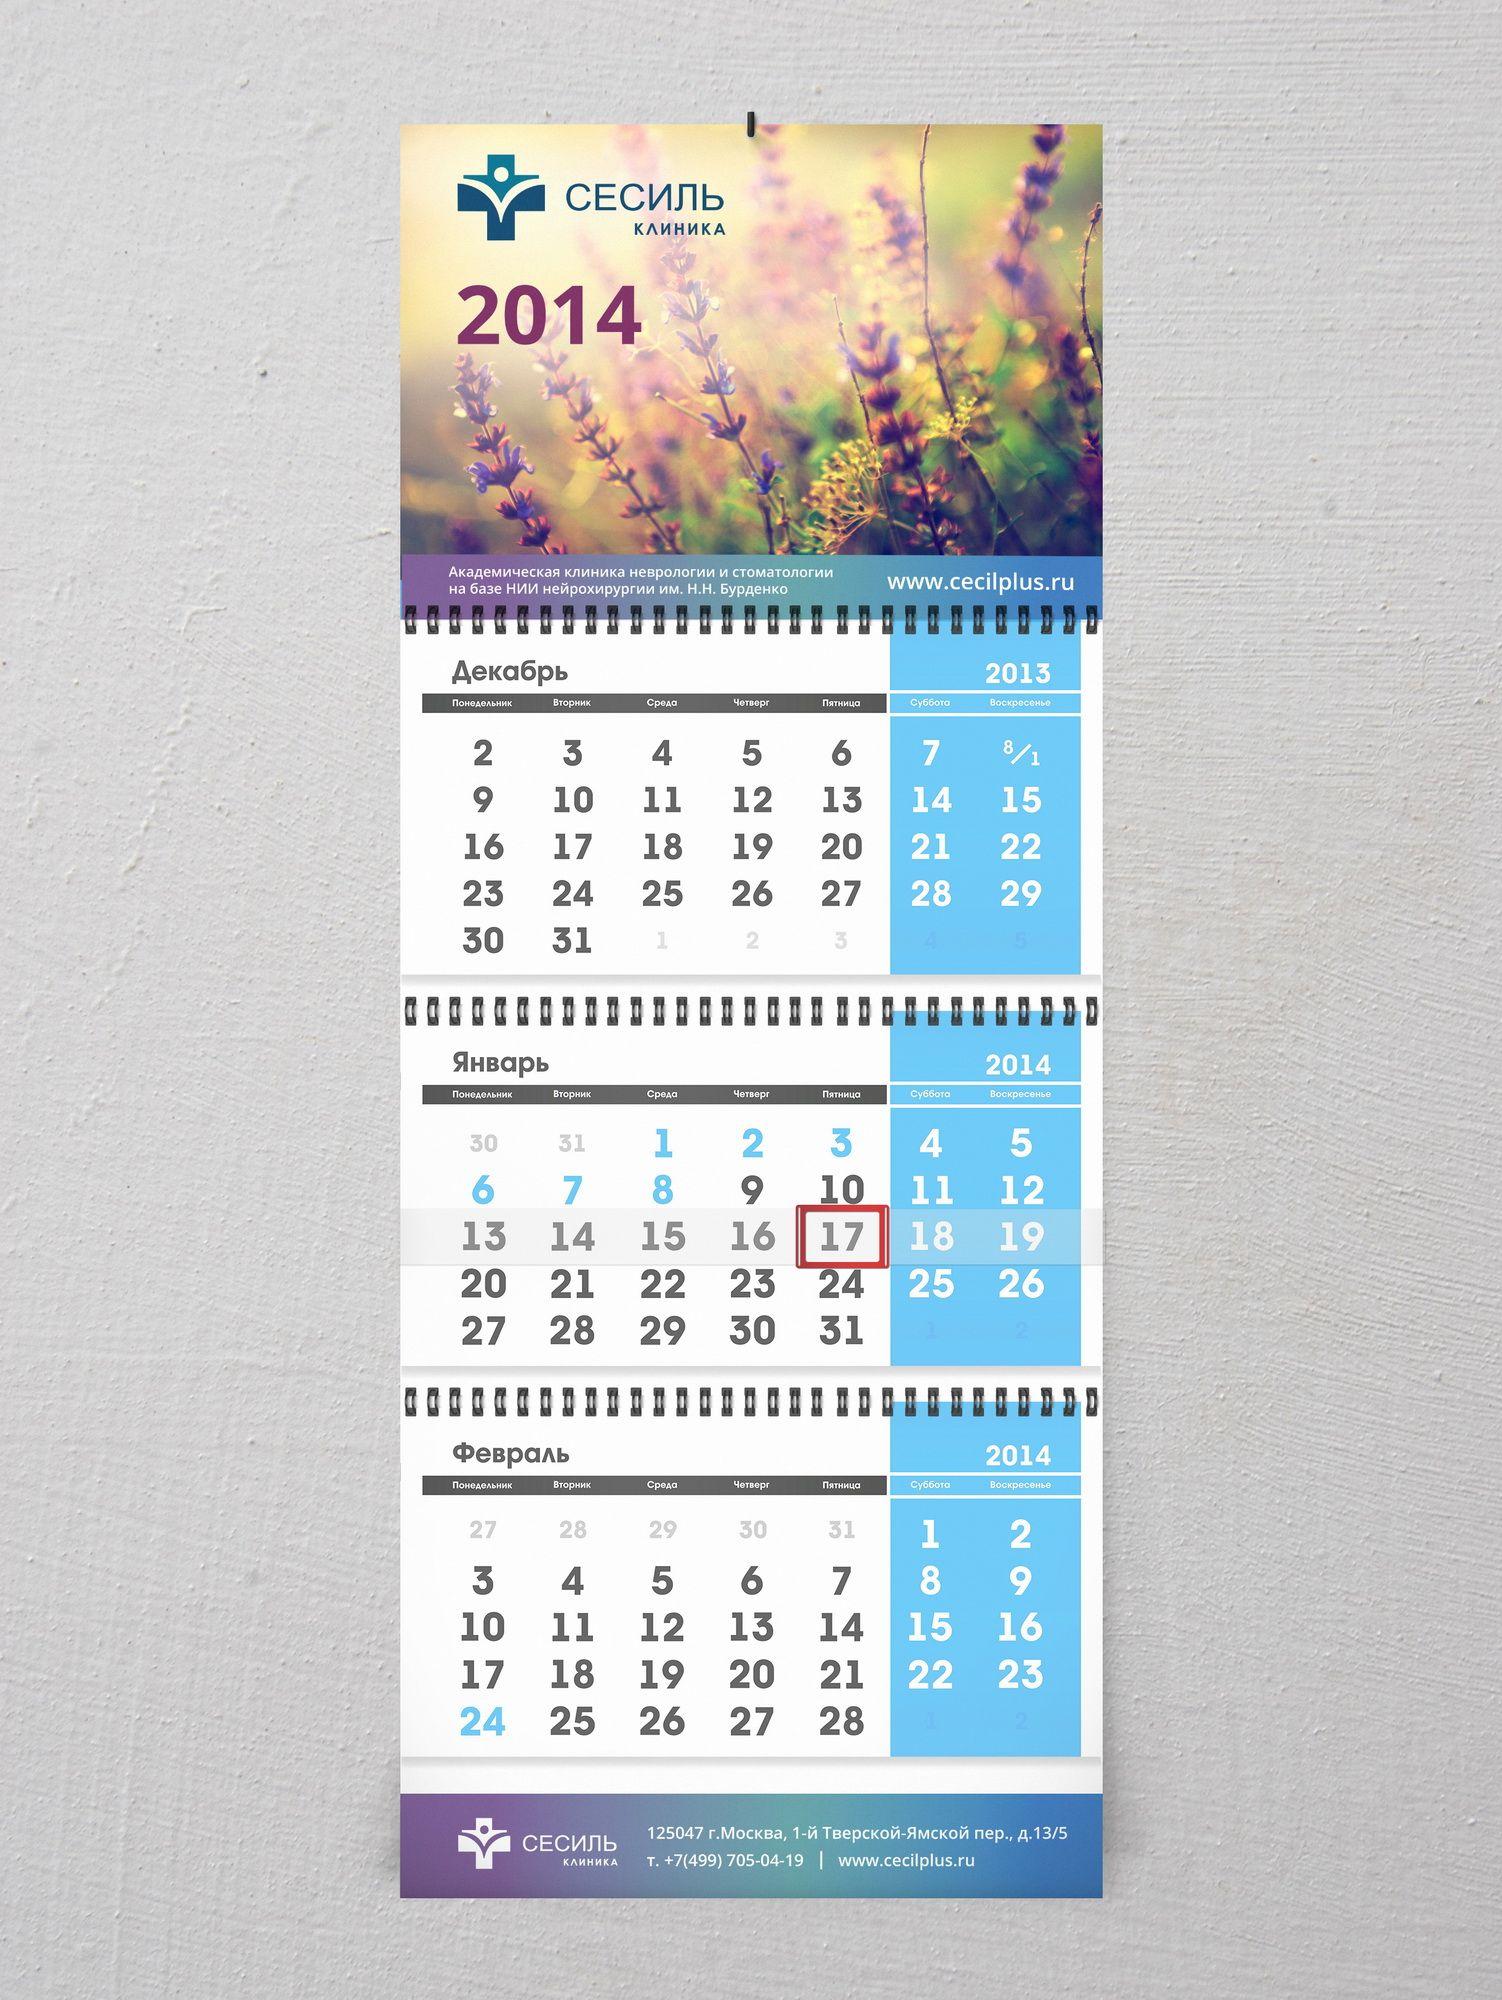 Финалисты должны нарисовать квартальный календарь! - дизайнер 25angel05